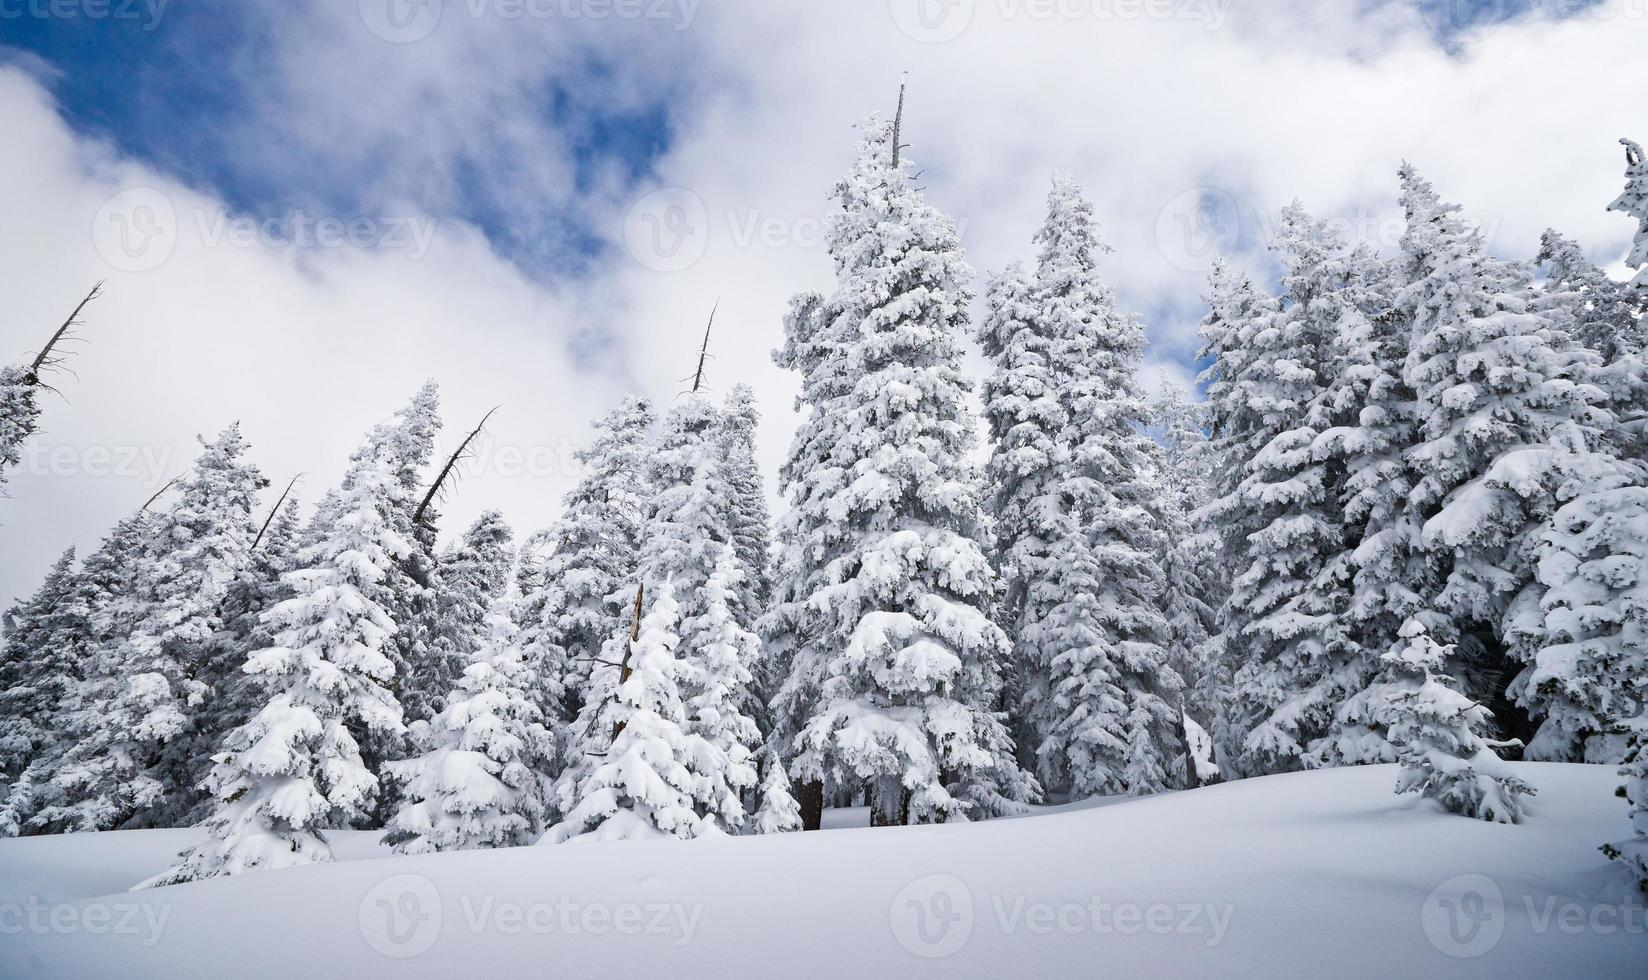 bosco di conifere inverno coperto di neve foto